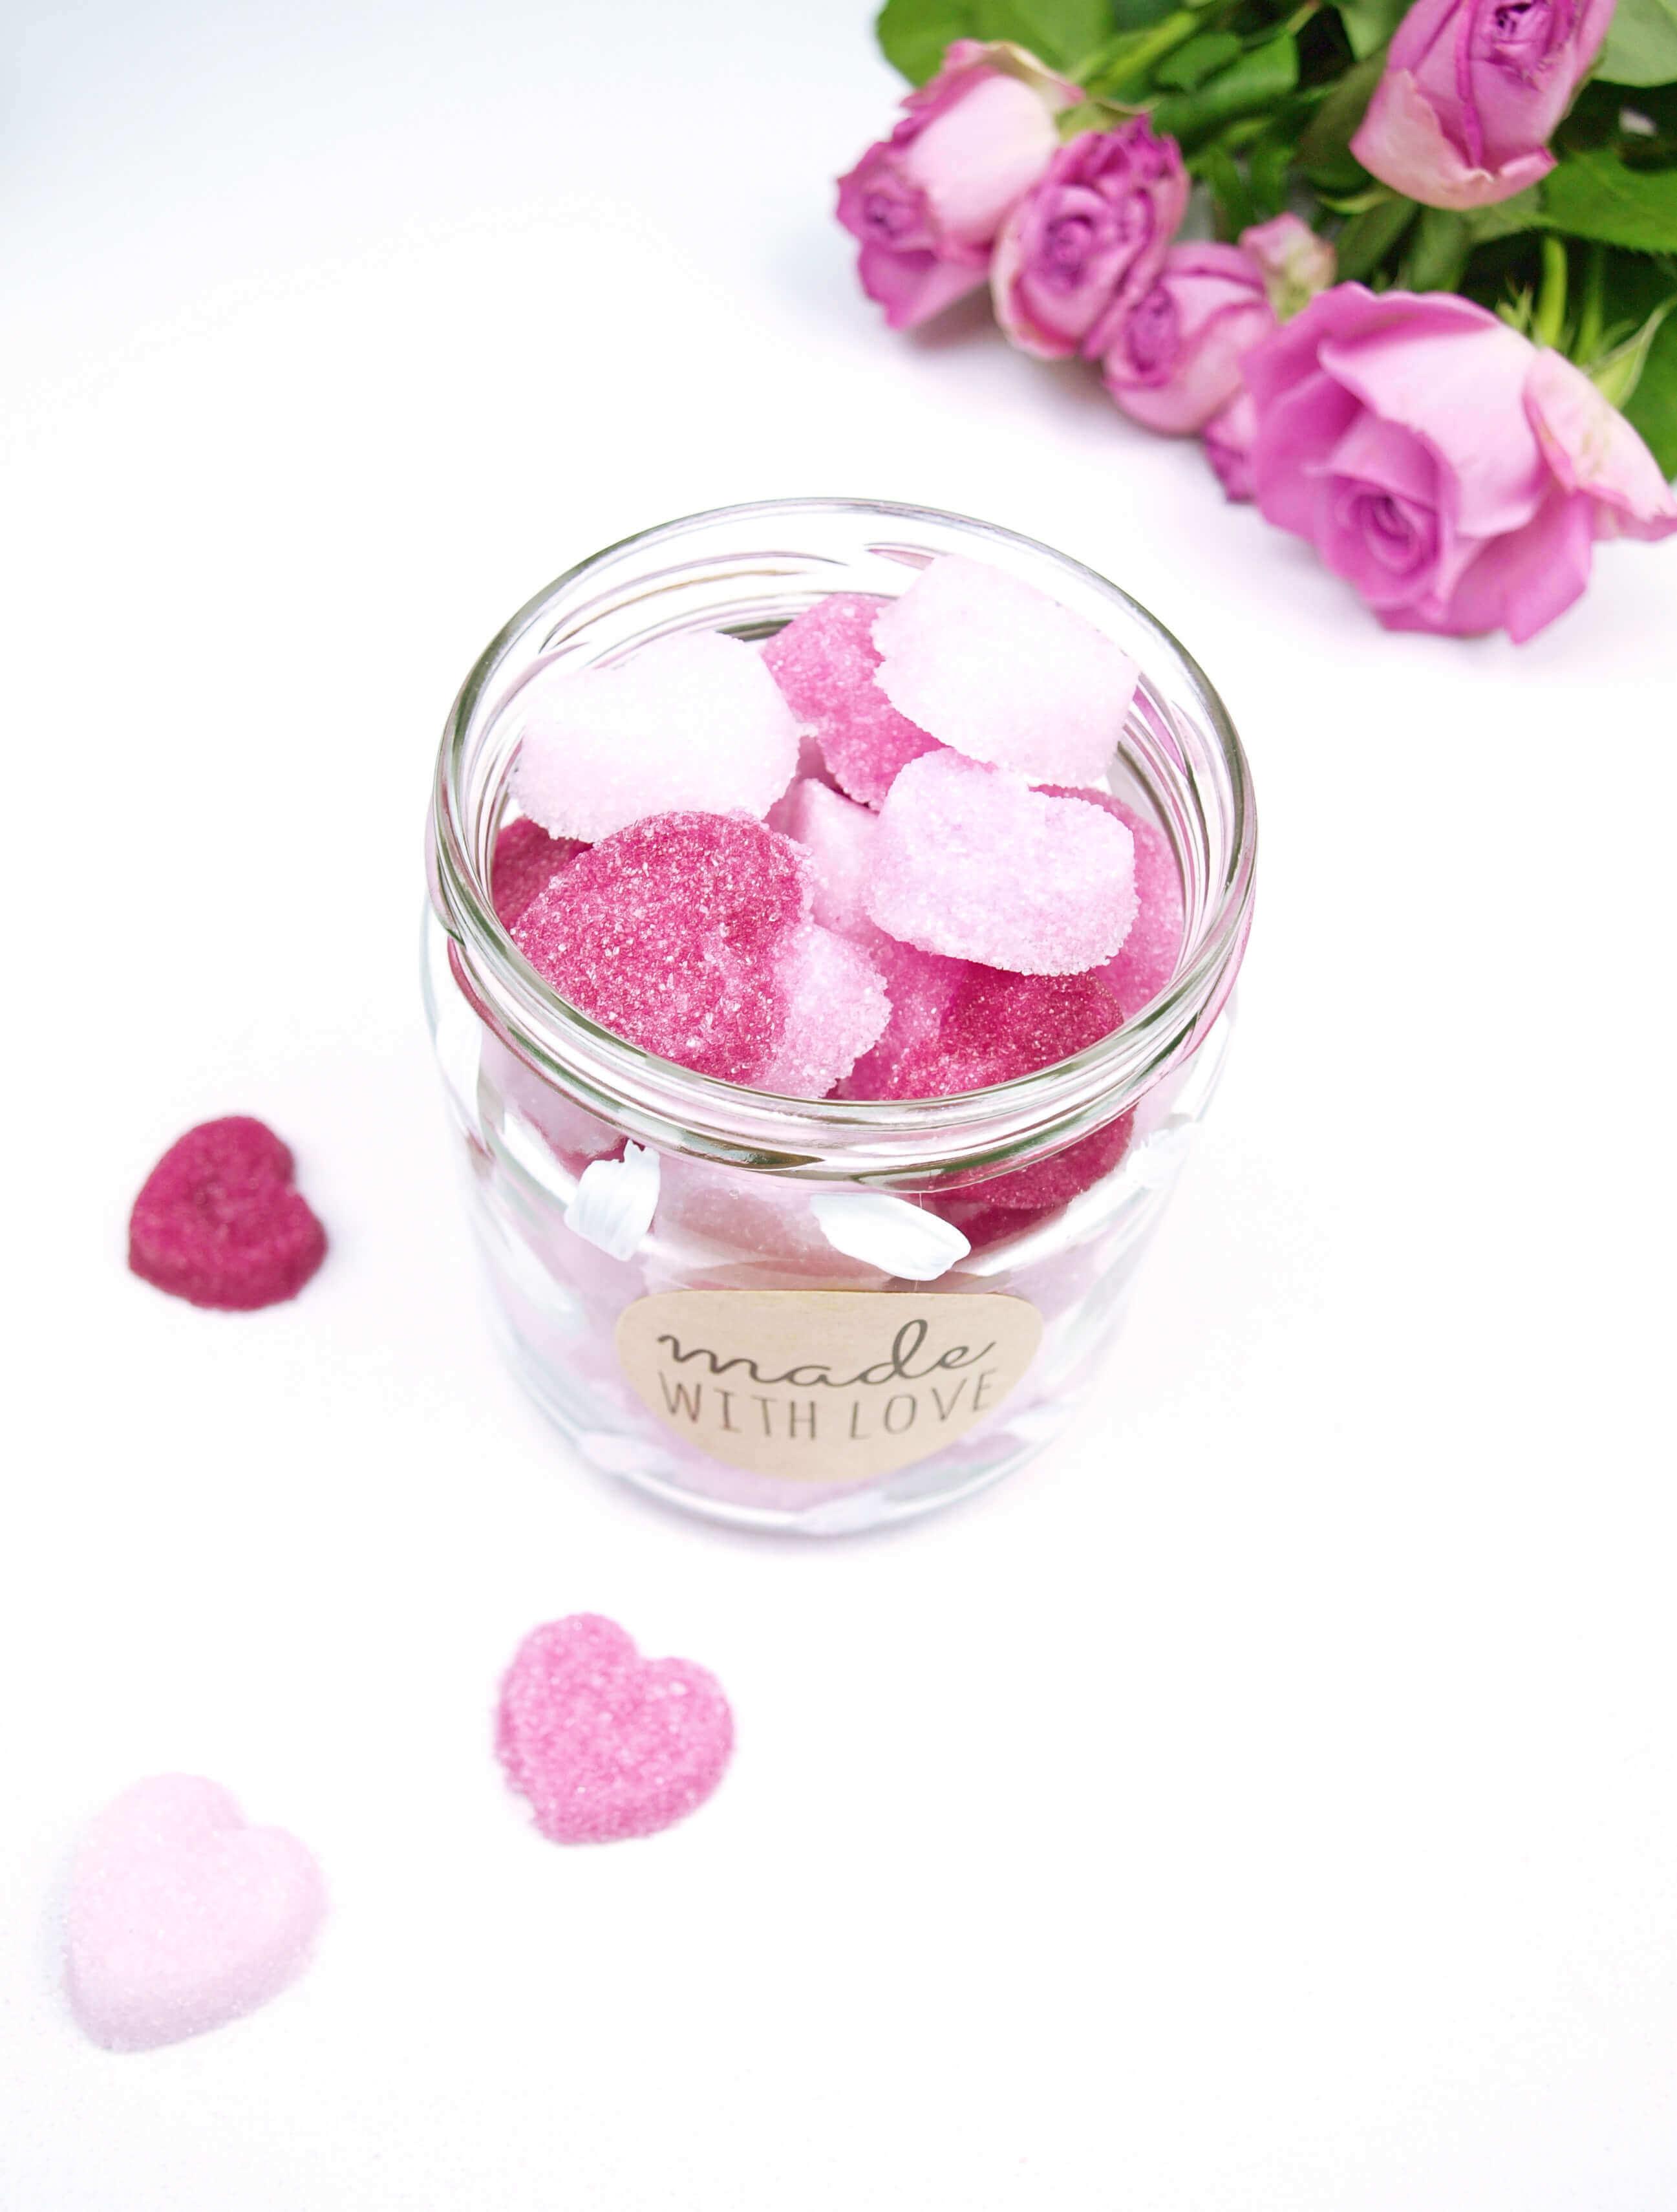 diy blog frauliebling geschenkidee zuckerherzen_Muttertagsgeschenke selber machen Frau-Liebling